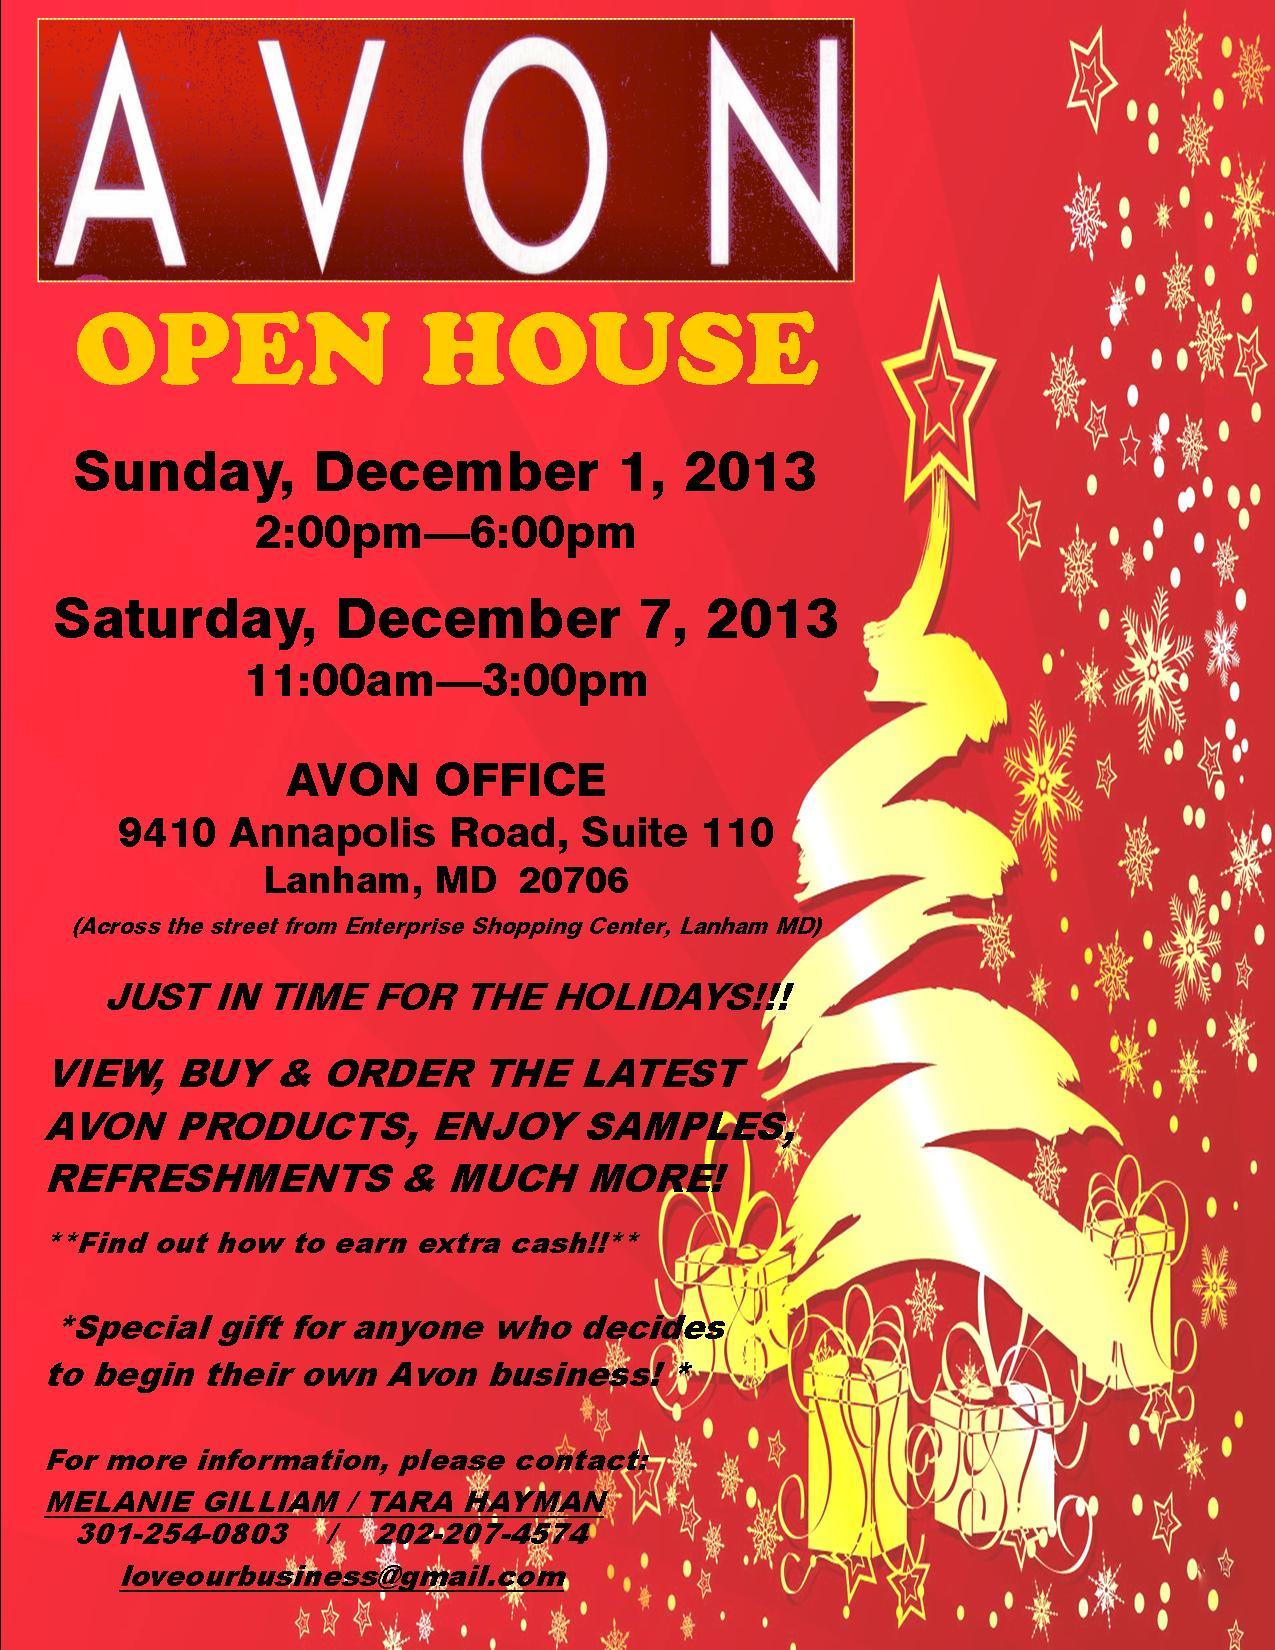 Avon Open House Registration, Sun, Dec 1, 2013 At 2:00 PM